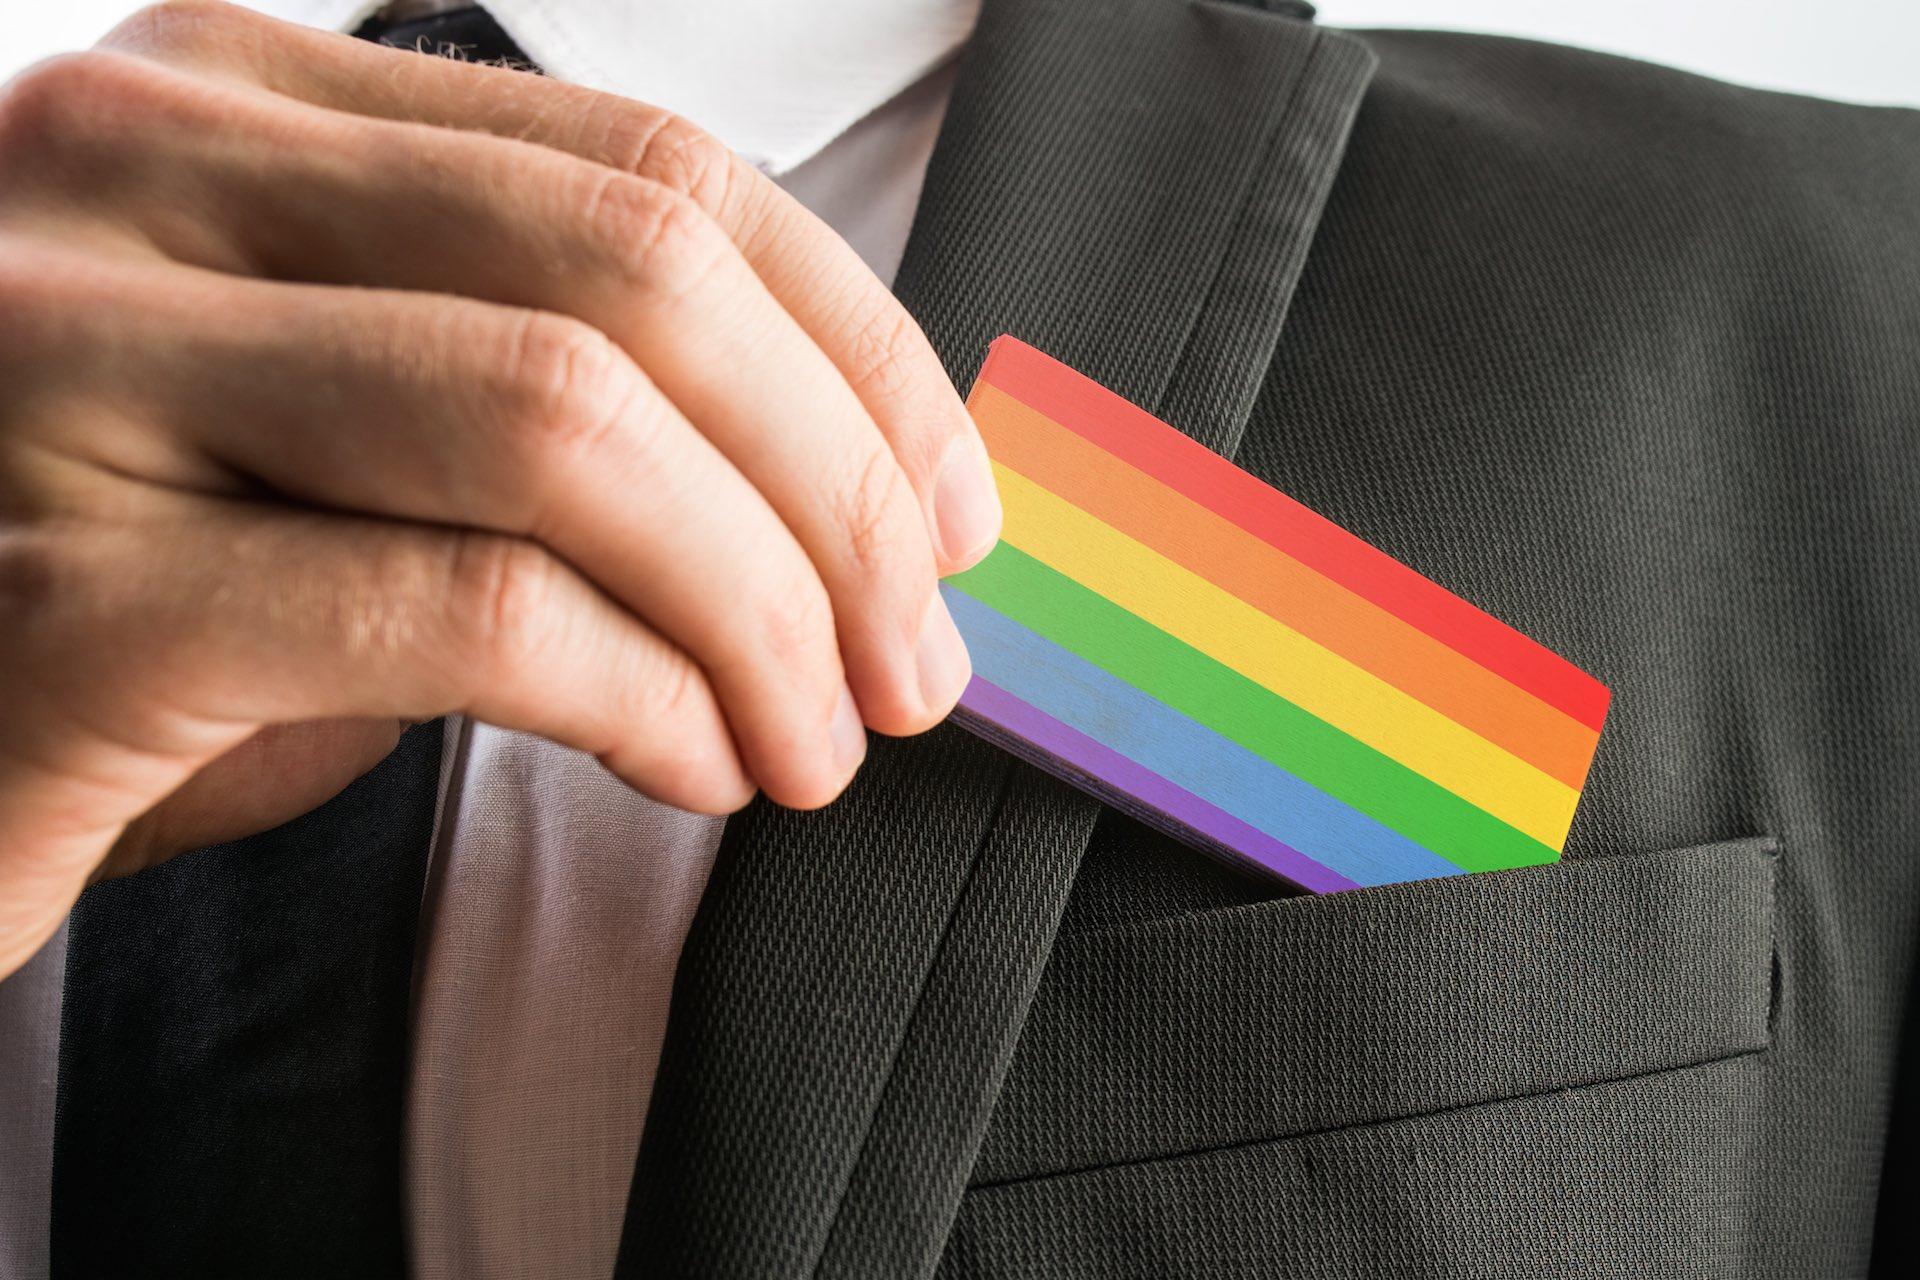 創造 LGBT 友善職場,你也是重要的一步